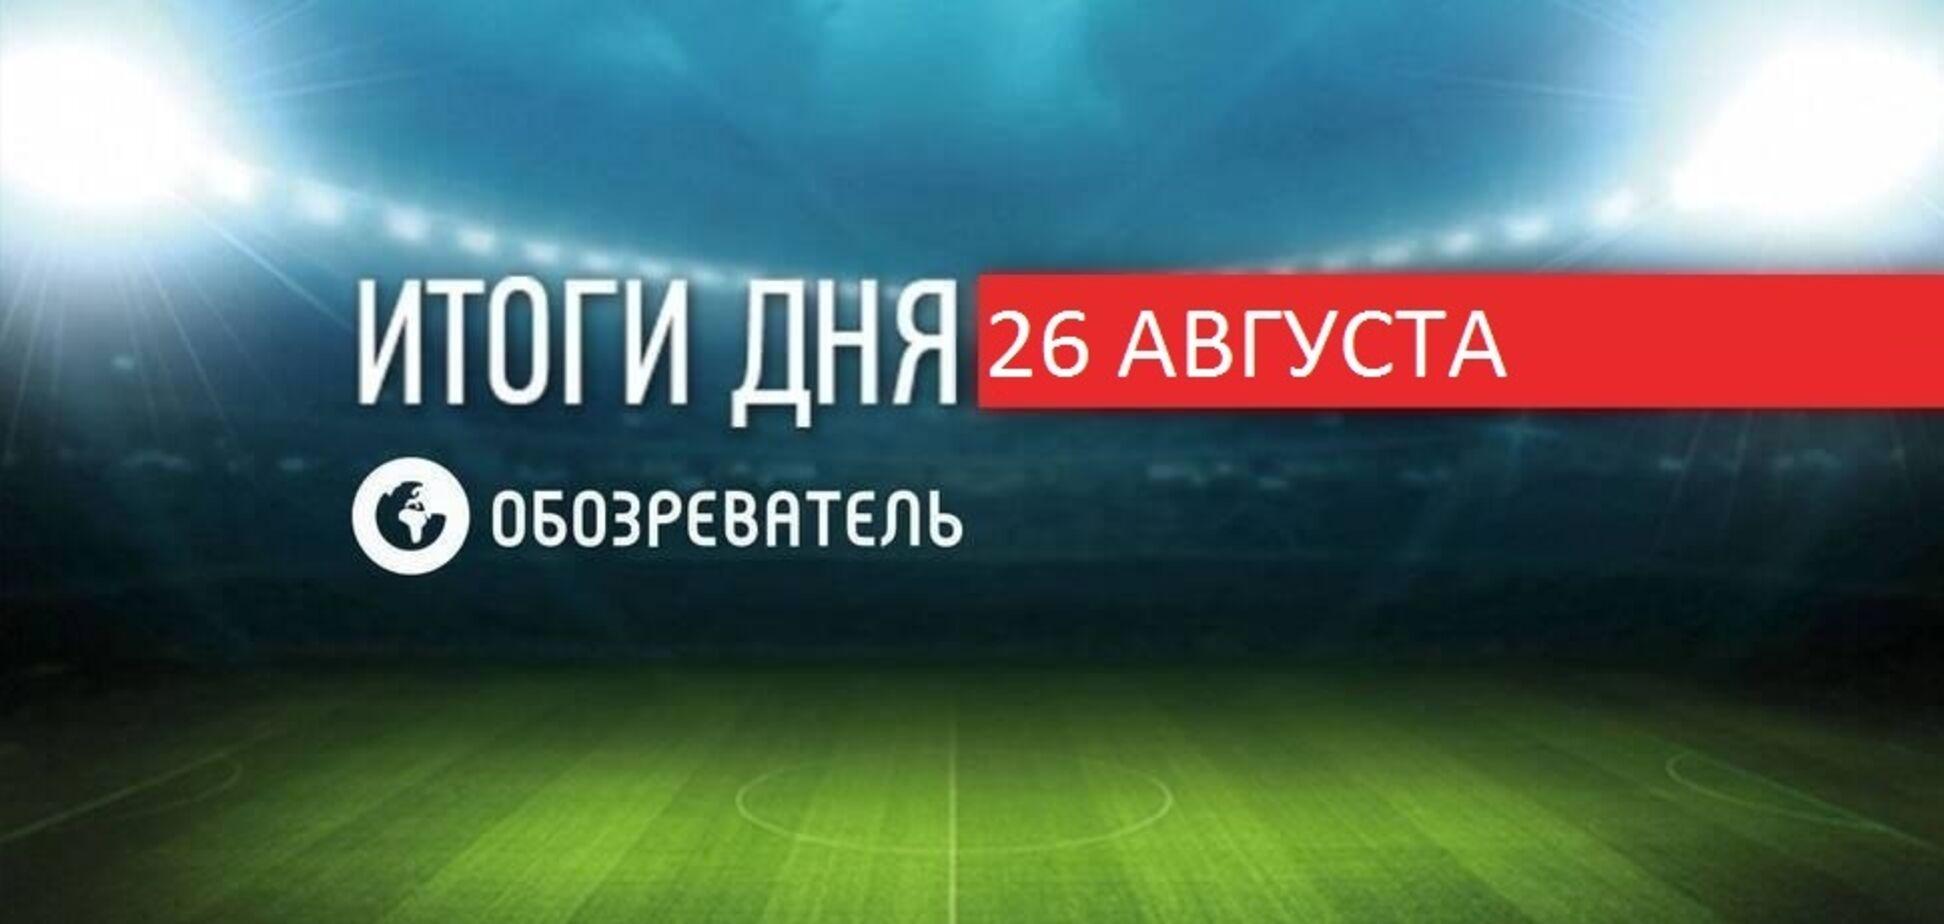 'Динамо' дізналося можливих суперників у відборі ЛЧ: спортивні підсумки 26 серпня